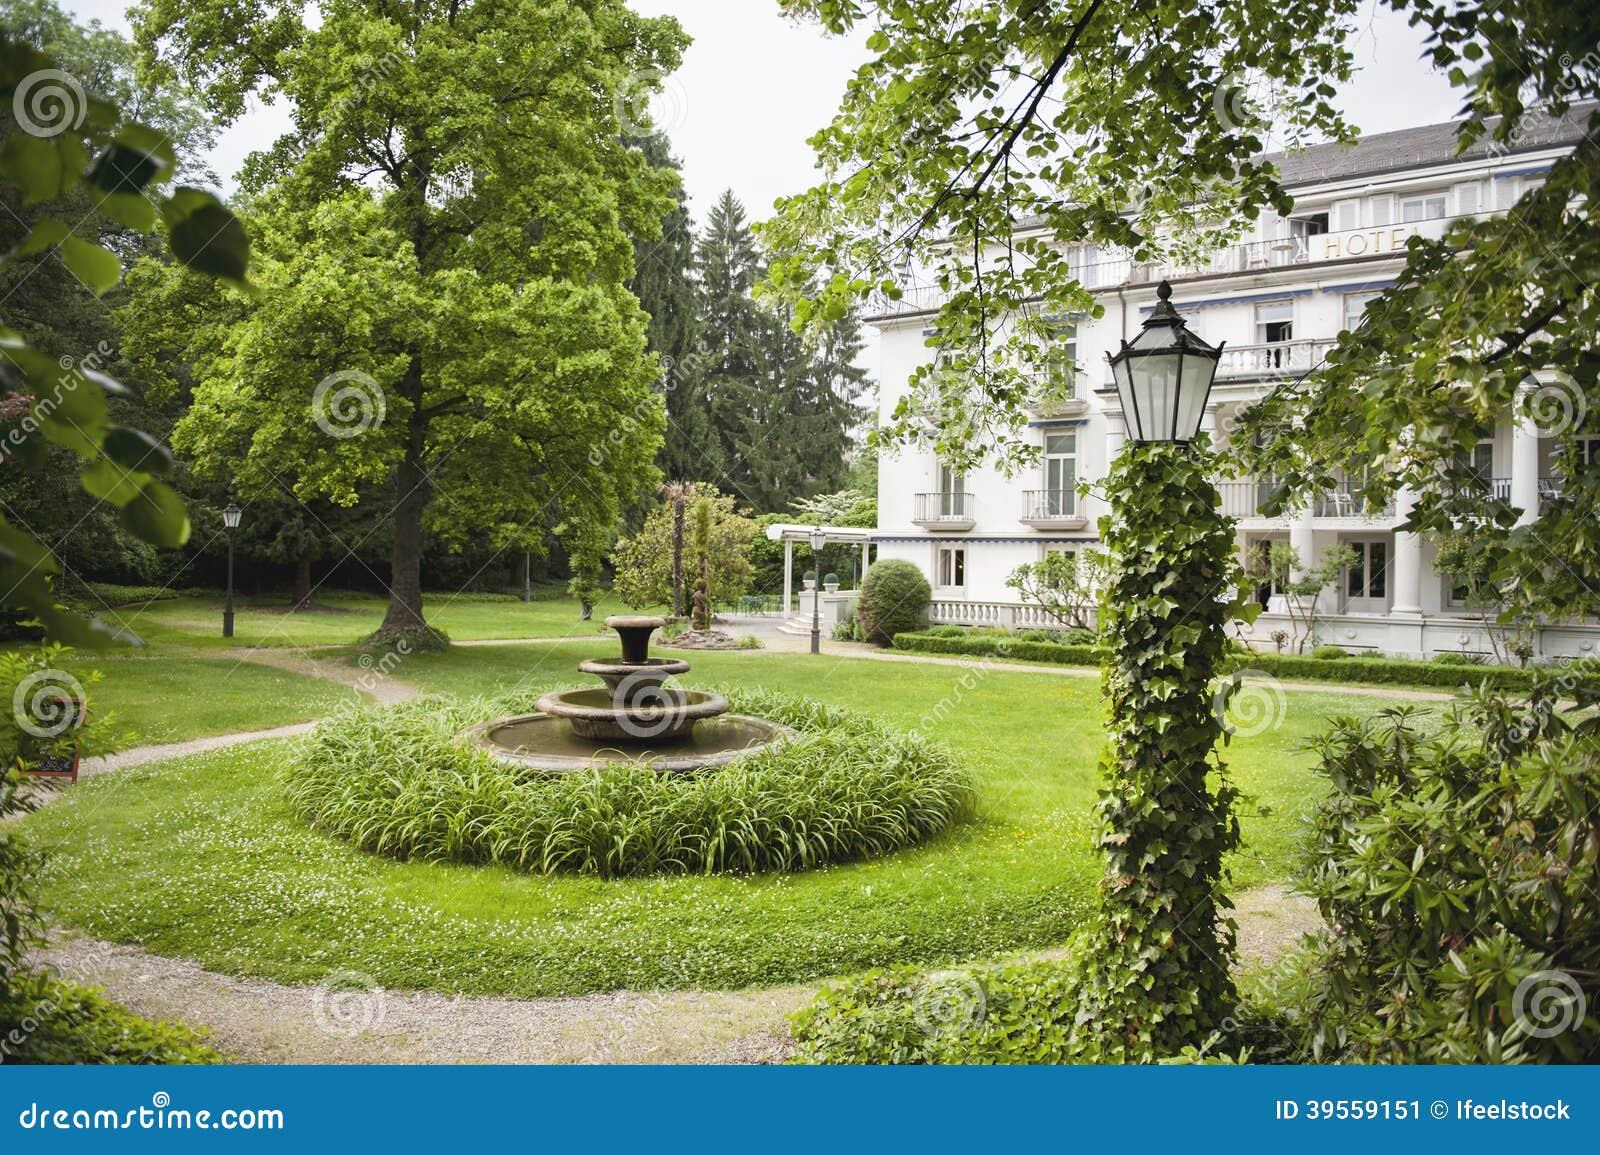 Jardin Anglais Avec L Hotel A L Arriere Plan Image Stock Image Du